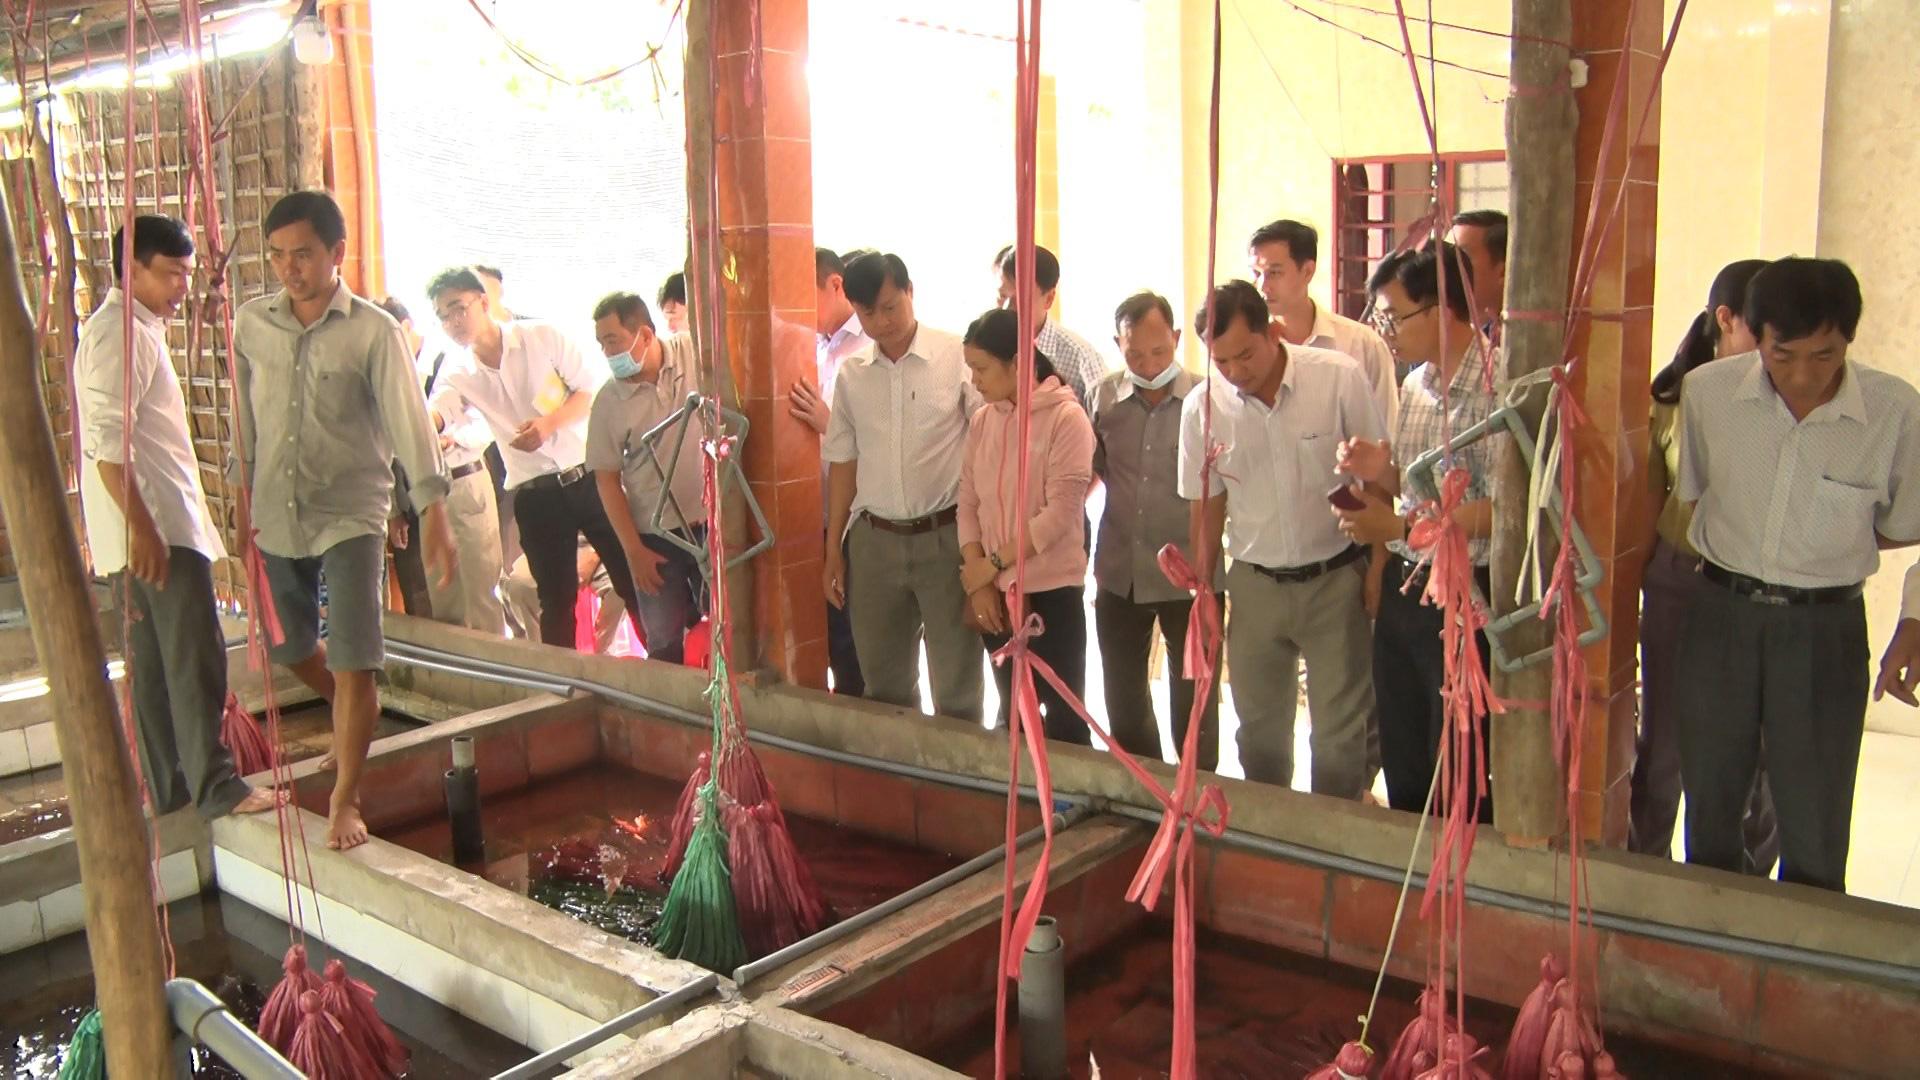 Tiền Giang: Một ông nông dân nuôi lươn không bùn ở trong nhà, bắt lên cả tấn, nhiều người kéo đến xem - Ảnh 1.